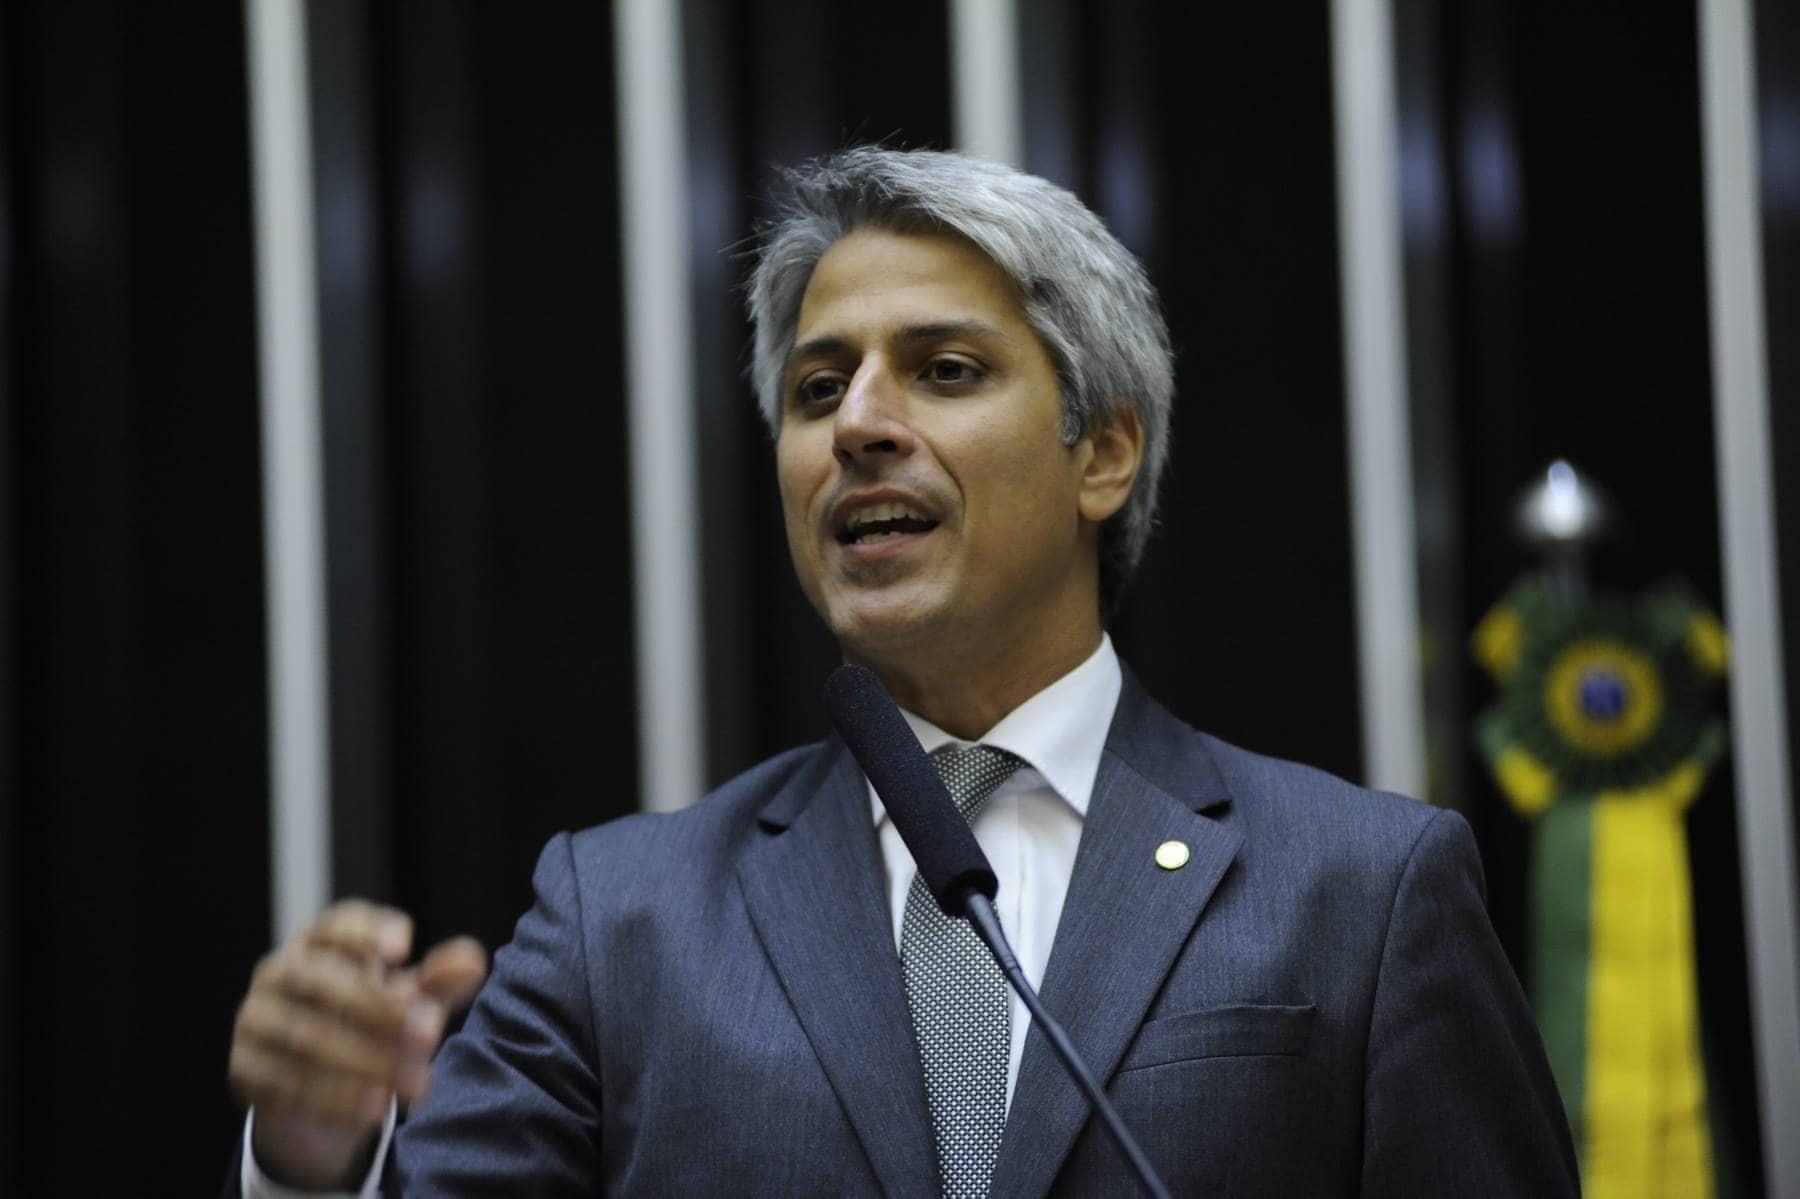 Reforma da Previdência: oposição rejeita acordo e irá obstruir votação